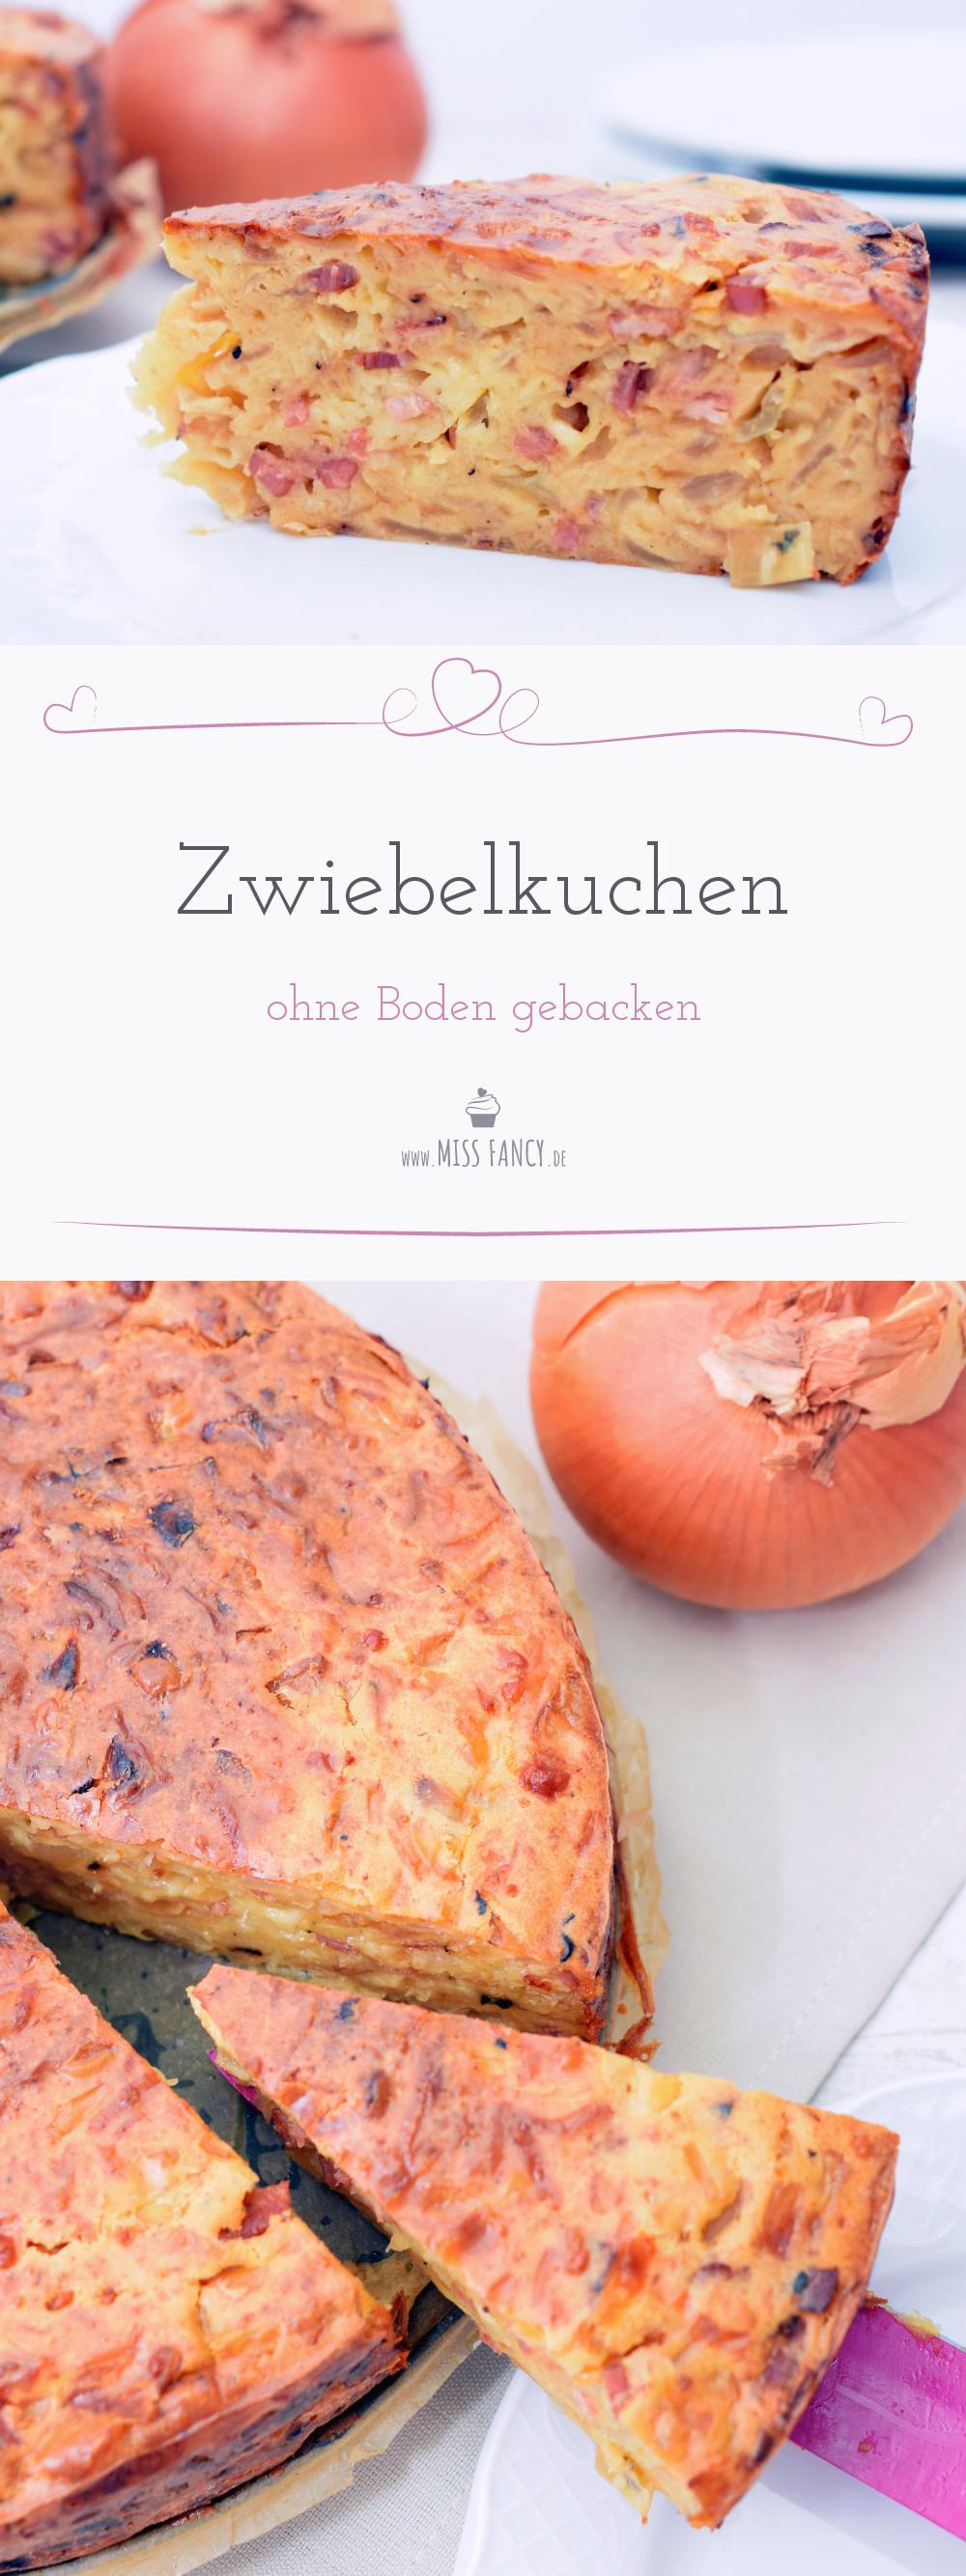 Rezept-Zwiebelkuchen-ohne-Boden